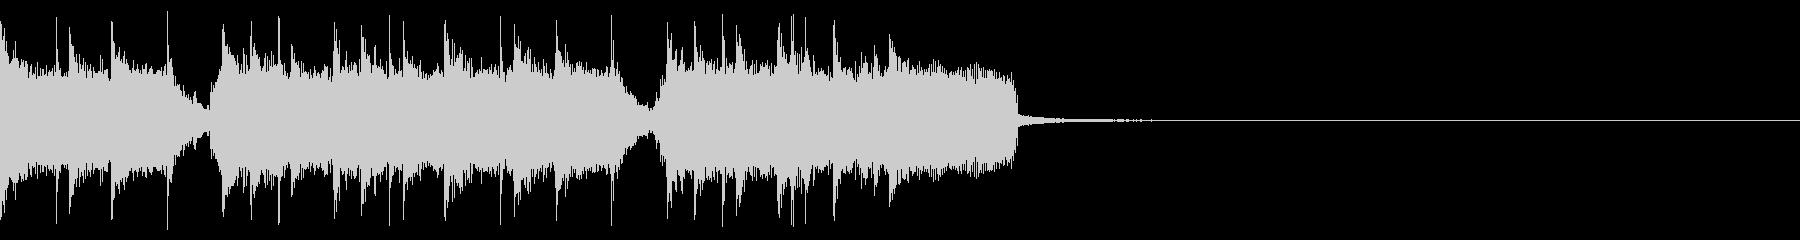 エンディングなどにロックなギタージングルの未再生の波形